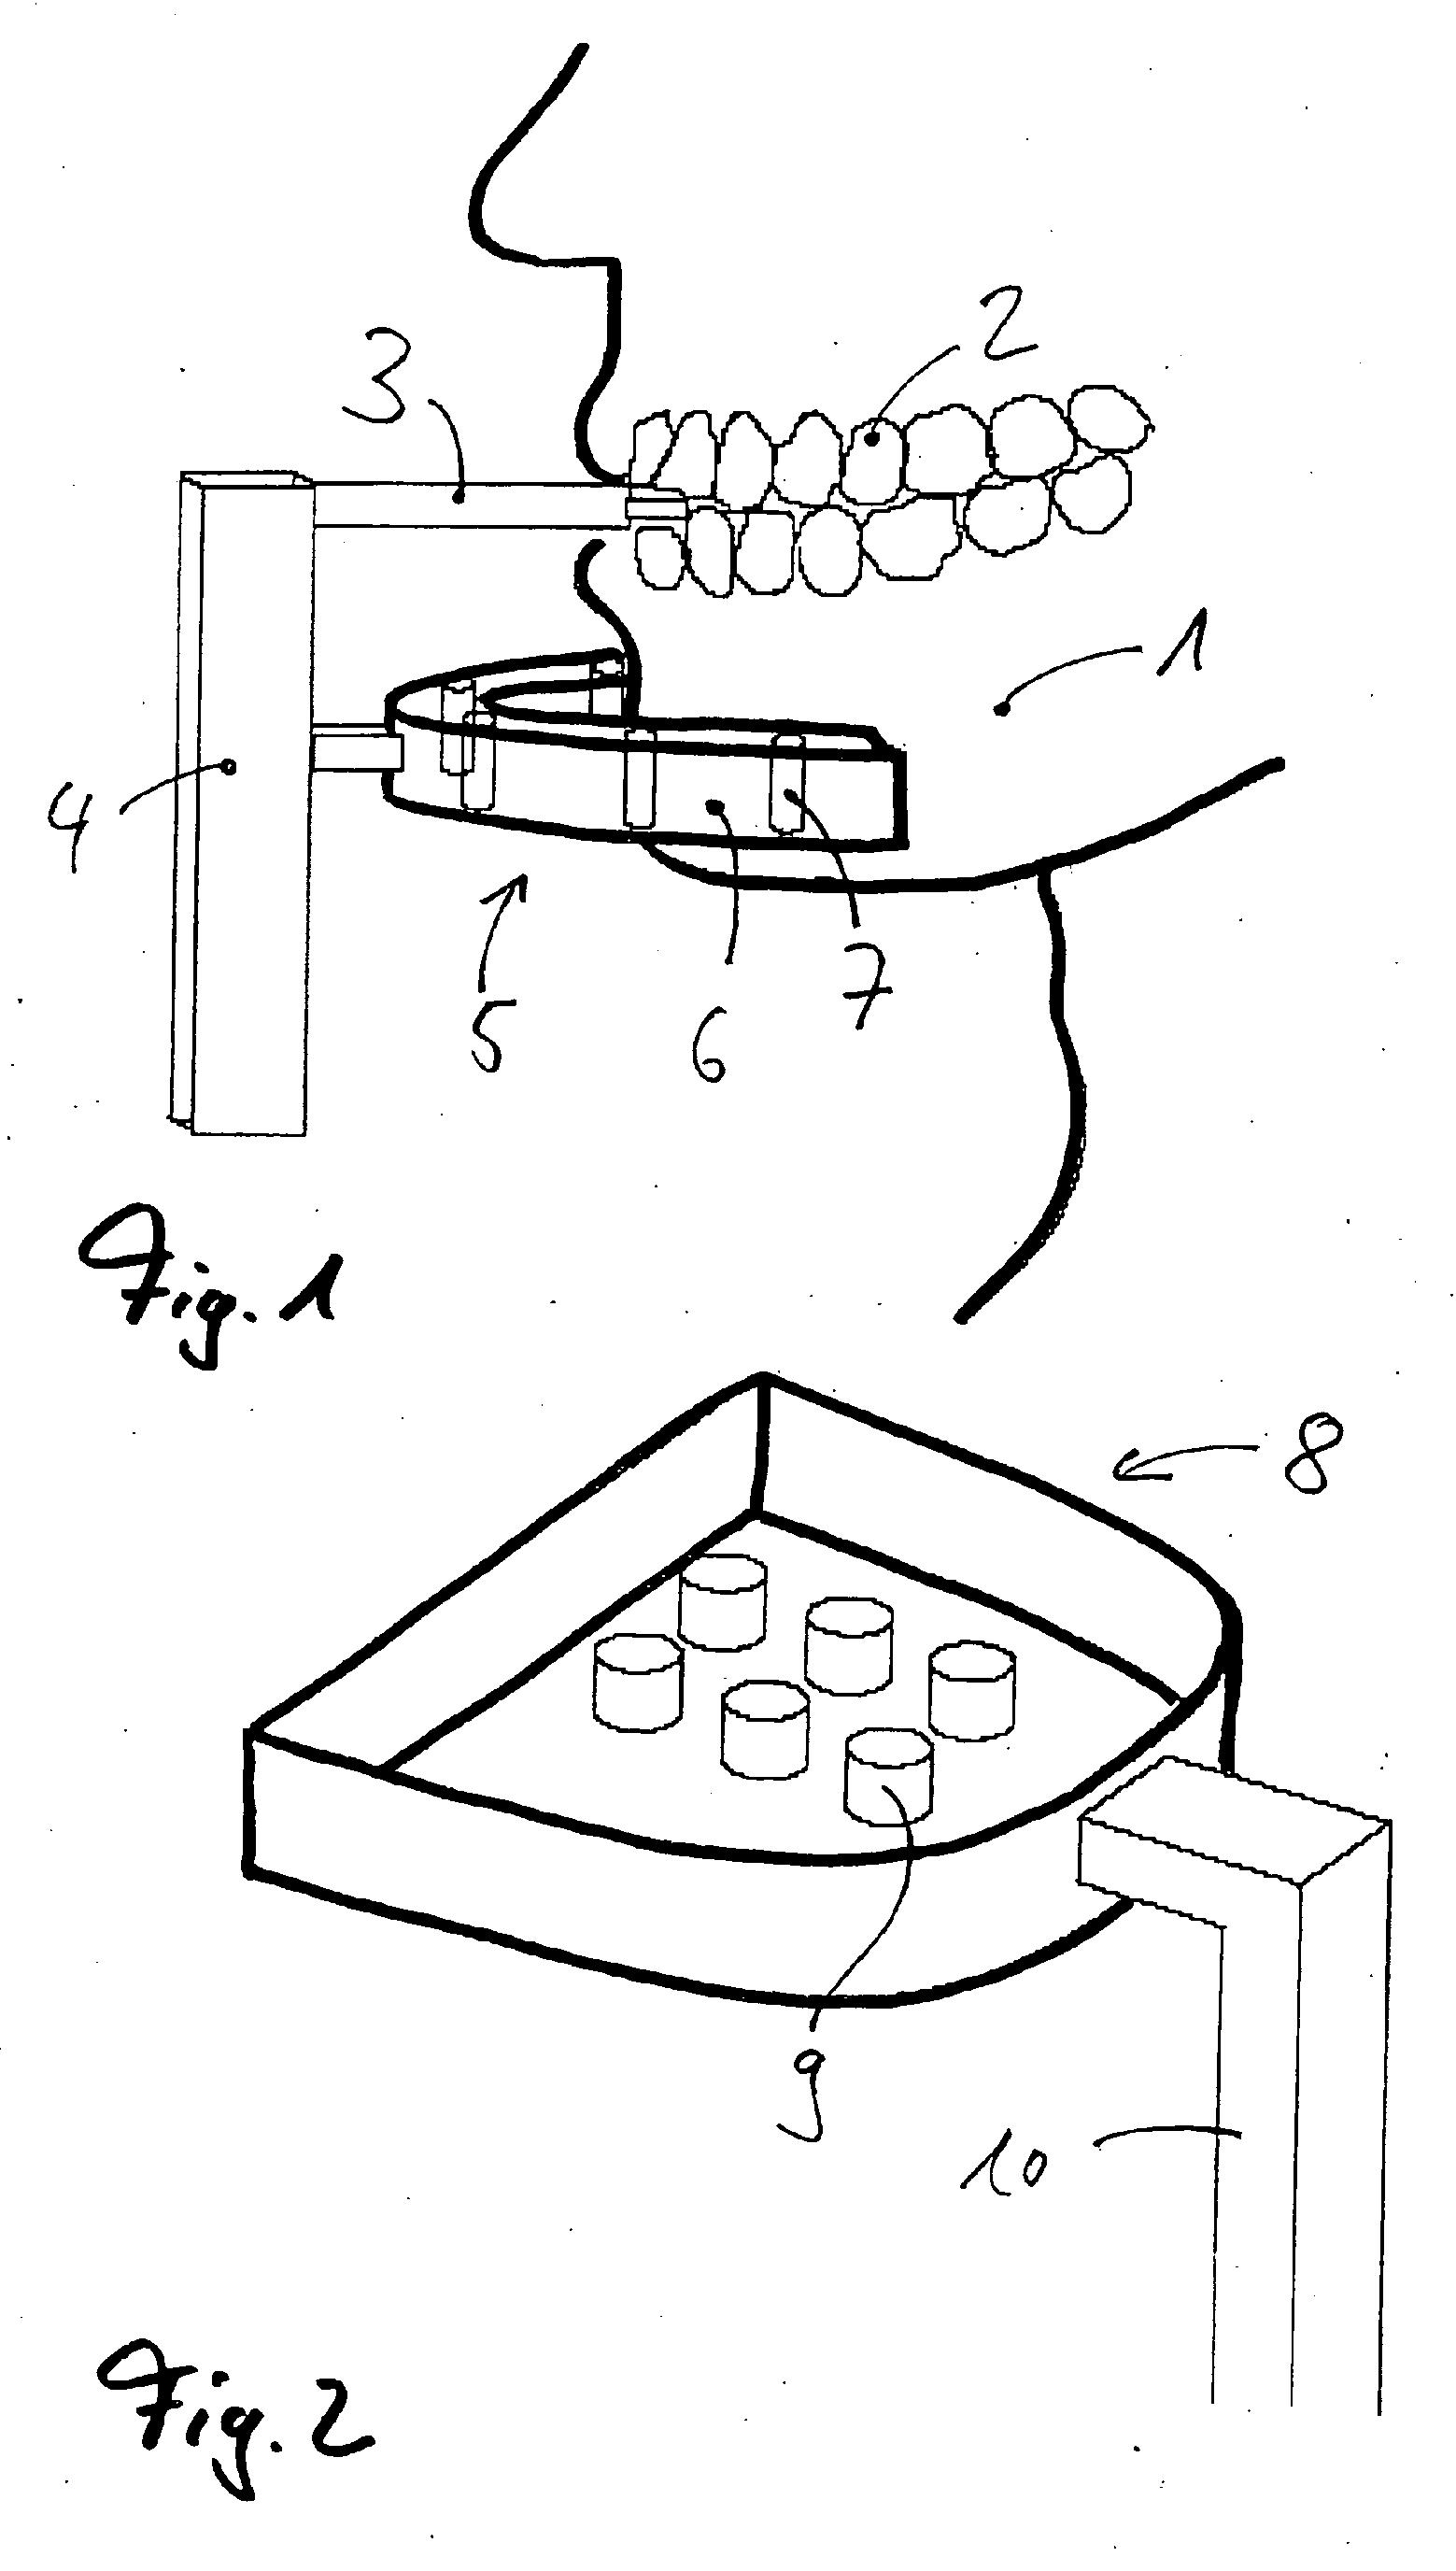 patent ep1893090b1 verfahren und system zur knochendichtekalibrierung google patentsuche. Black Bedroom Furniture Sets. Home Design Ideas